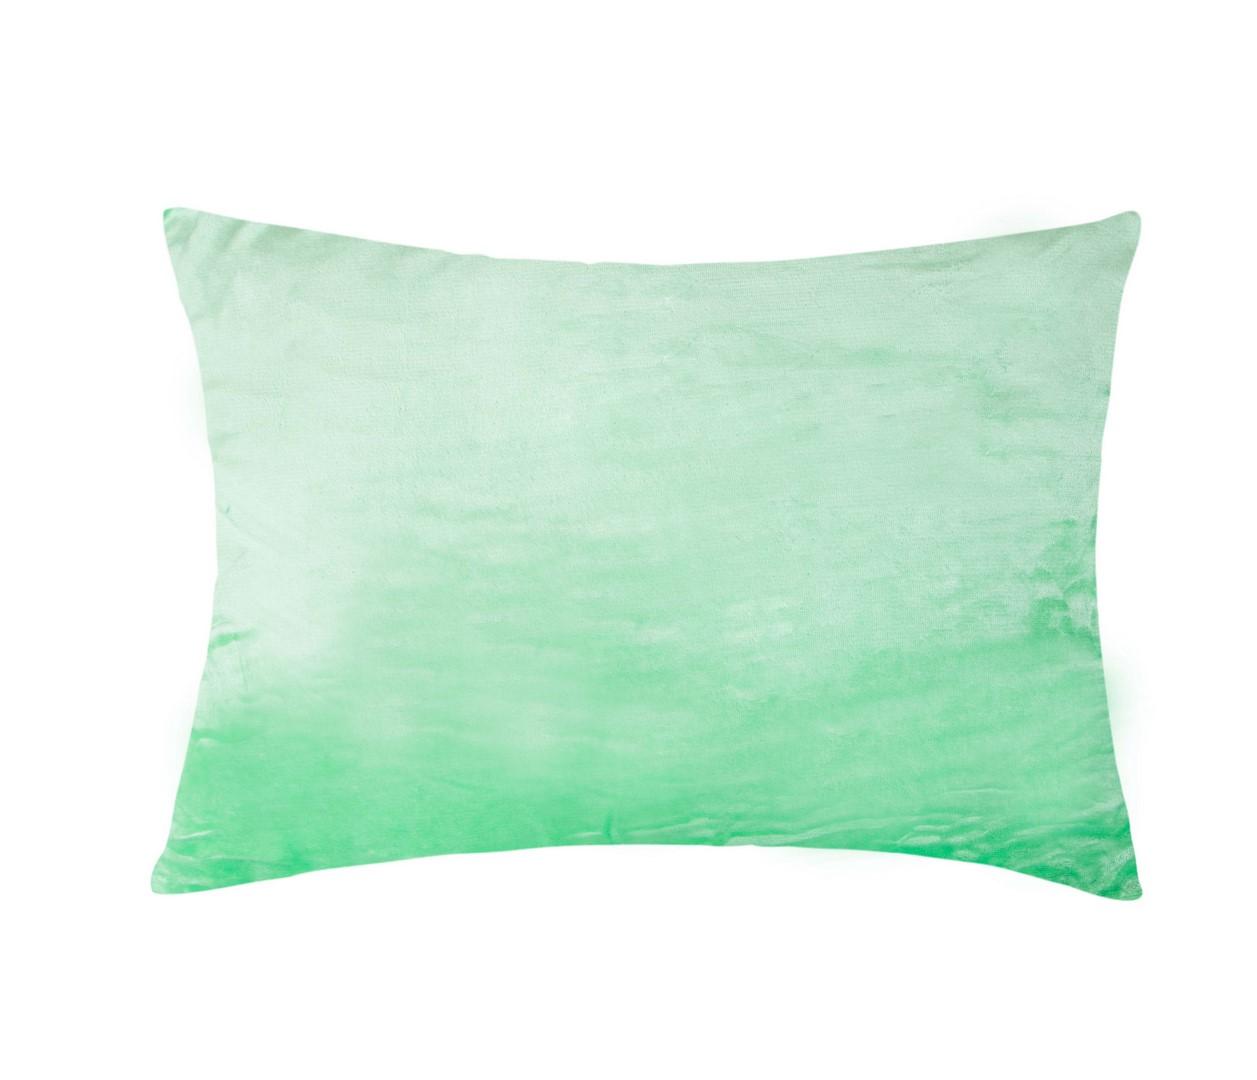 Povlak na polštář mikroflanel - světle zelená 40x60 cm